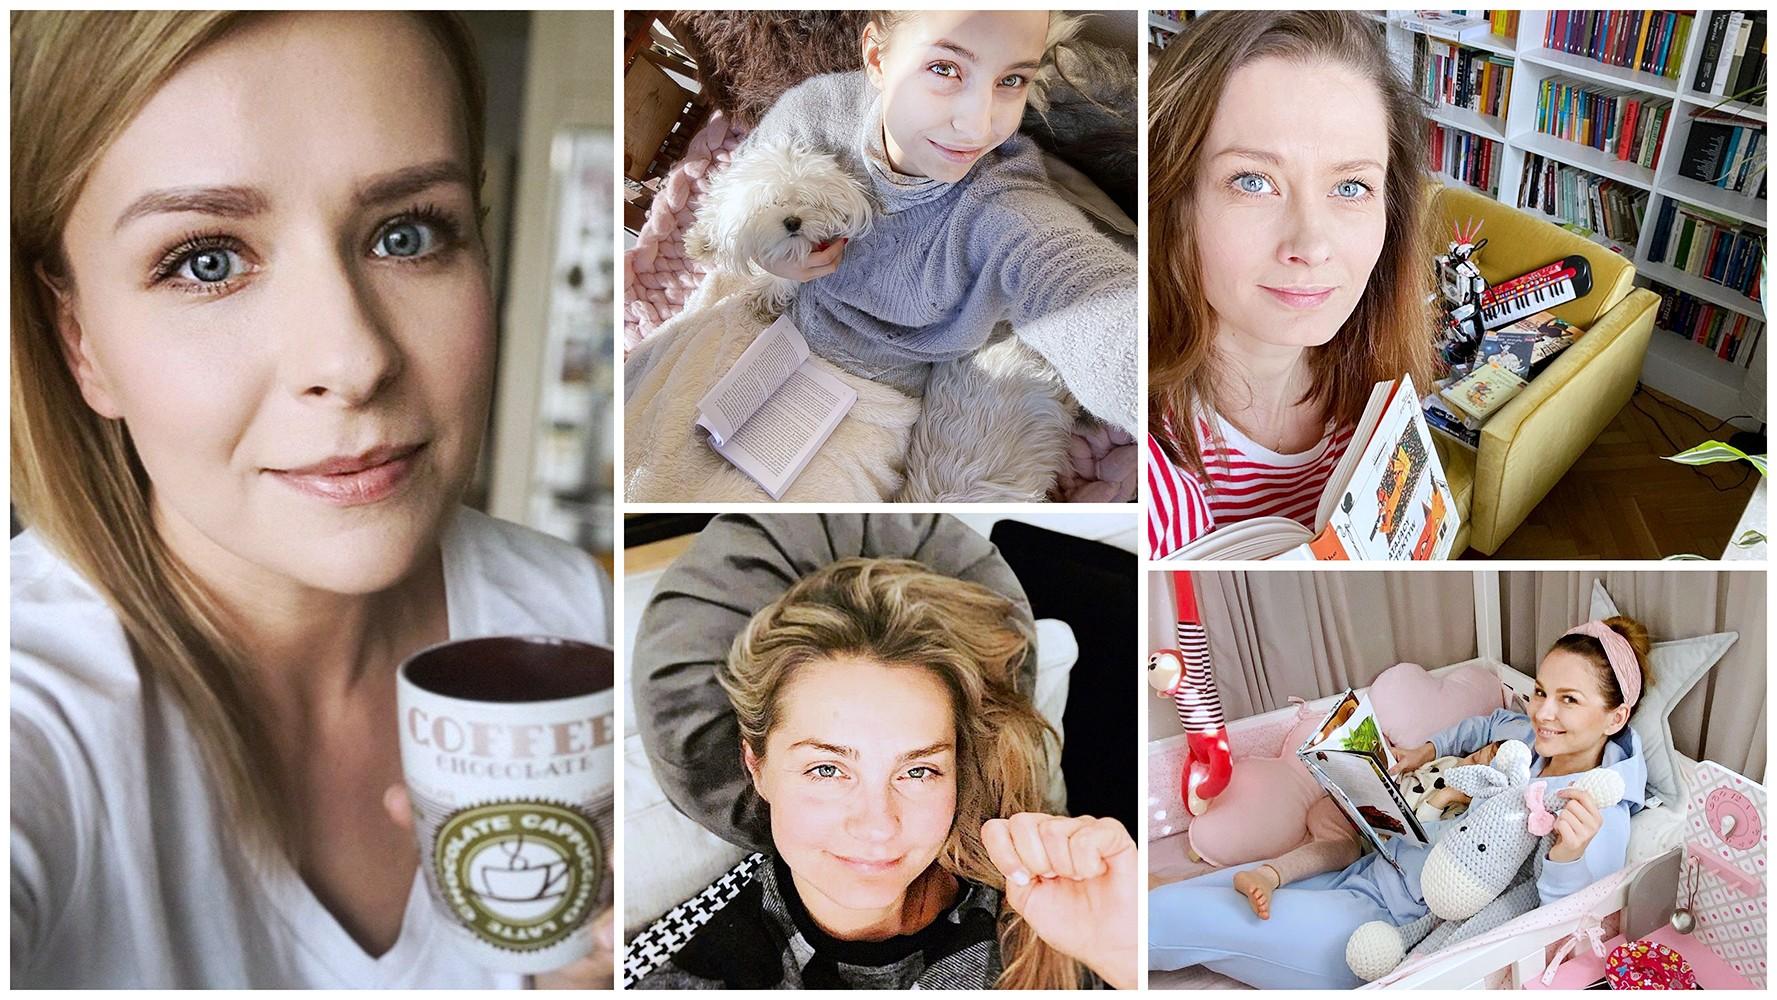 Gwiazdy Polsatu uczestniczą w akcji #zostańwdomu